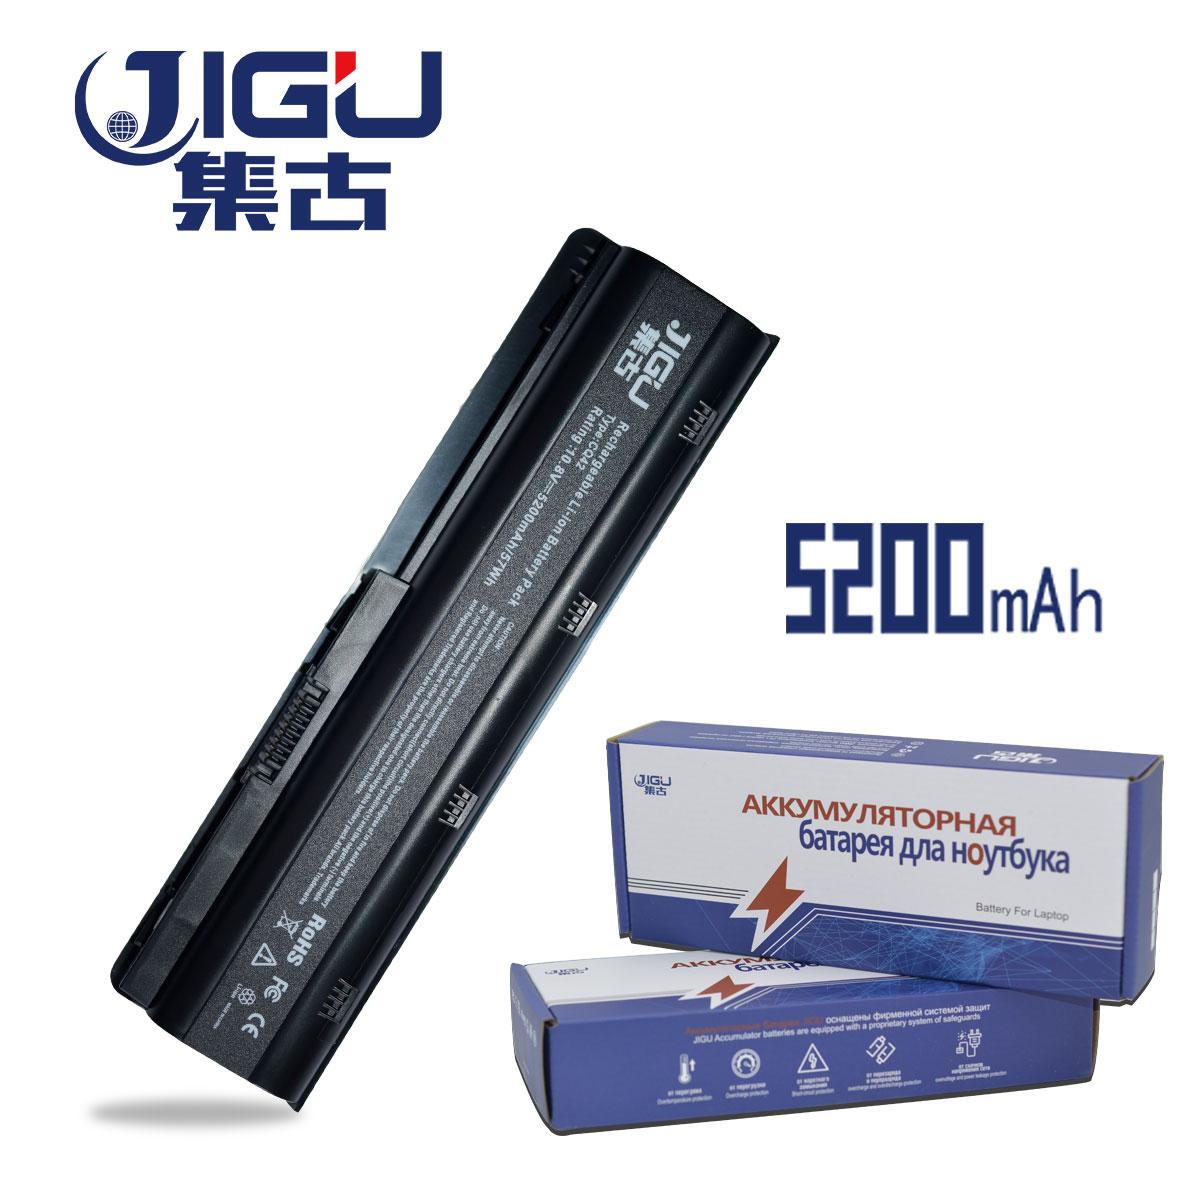 JIGU 6 CELLULES Batterie Pour HP Pavilion DM4 DM4T DV3 DV7 G4 G6 G7 G62 G62T G72 MU06 HSTNN-UBOW Presario CQ42 CQ56 CQ62